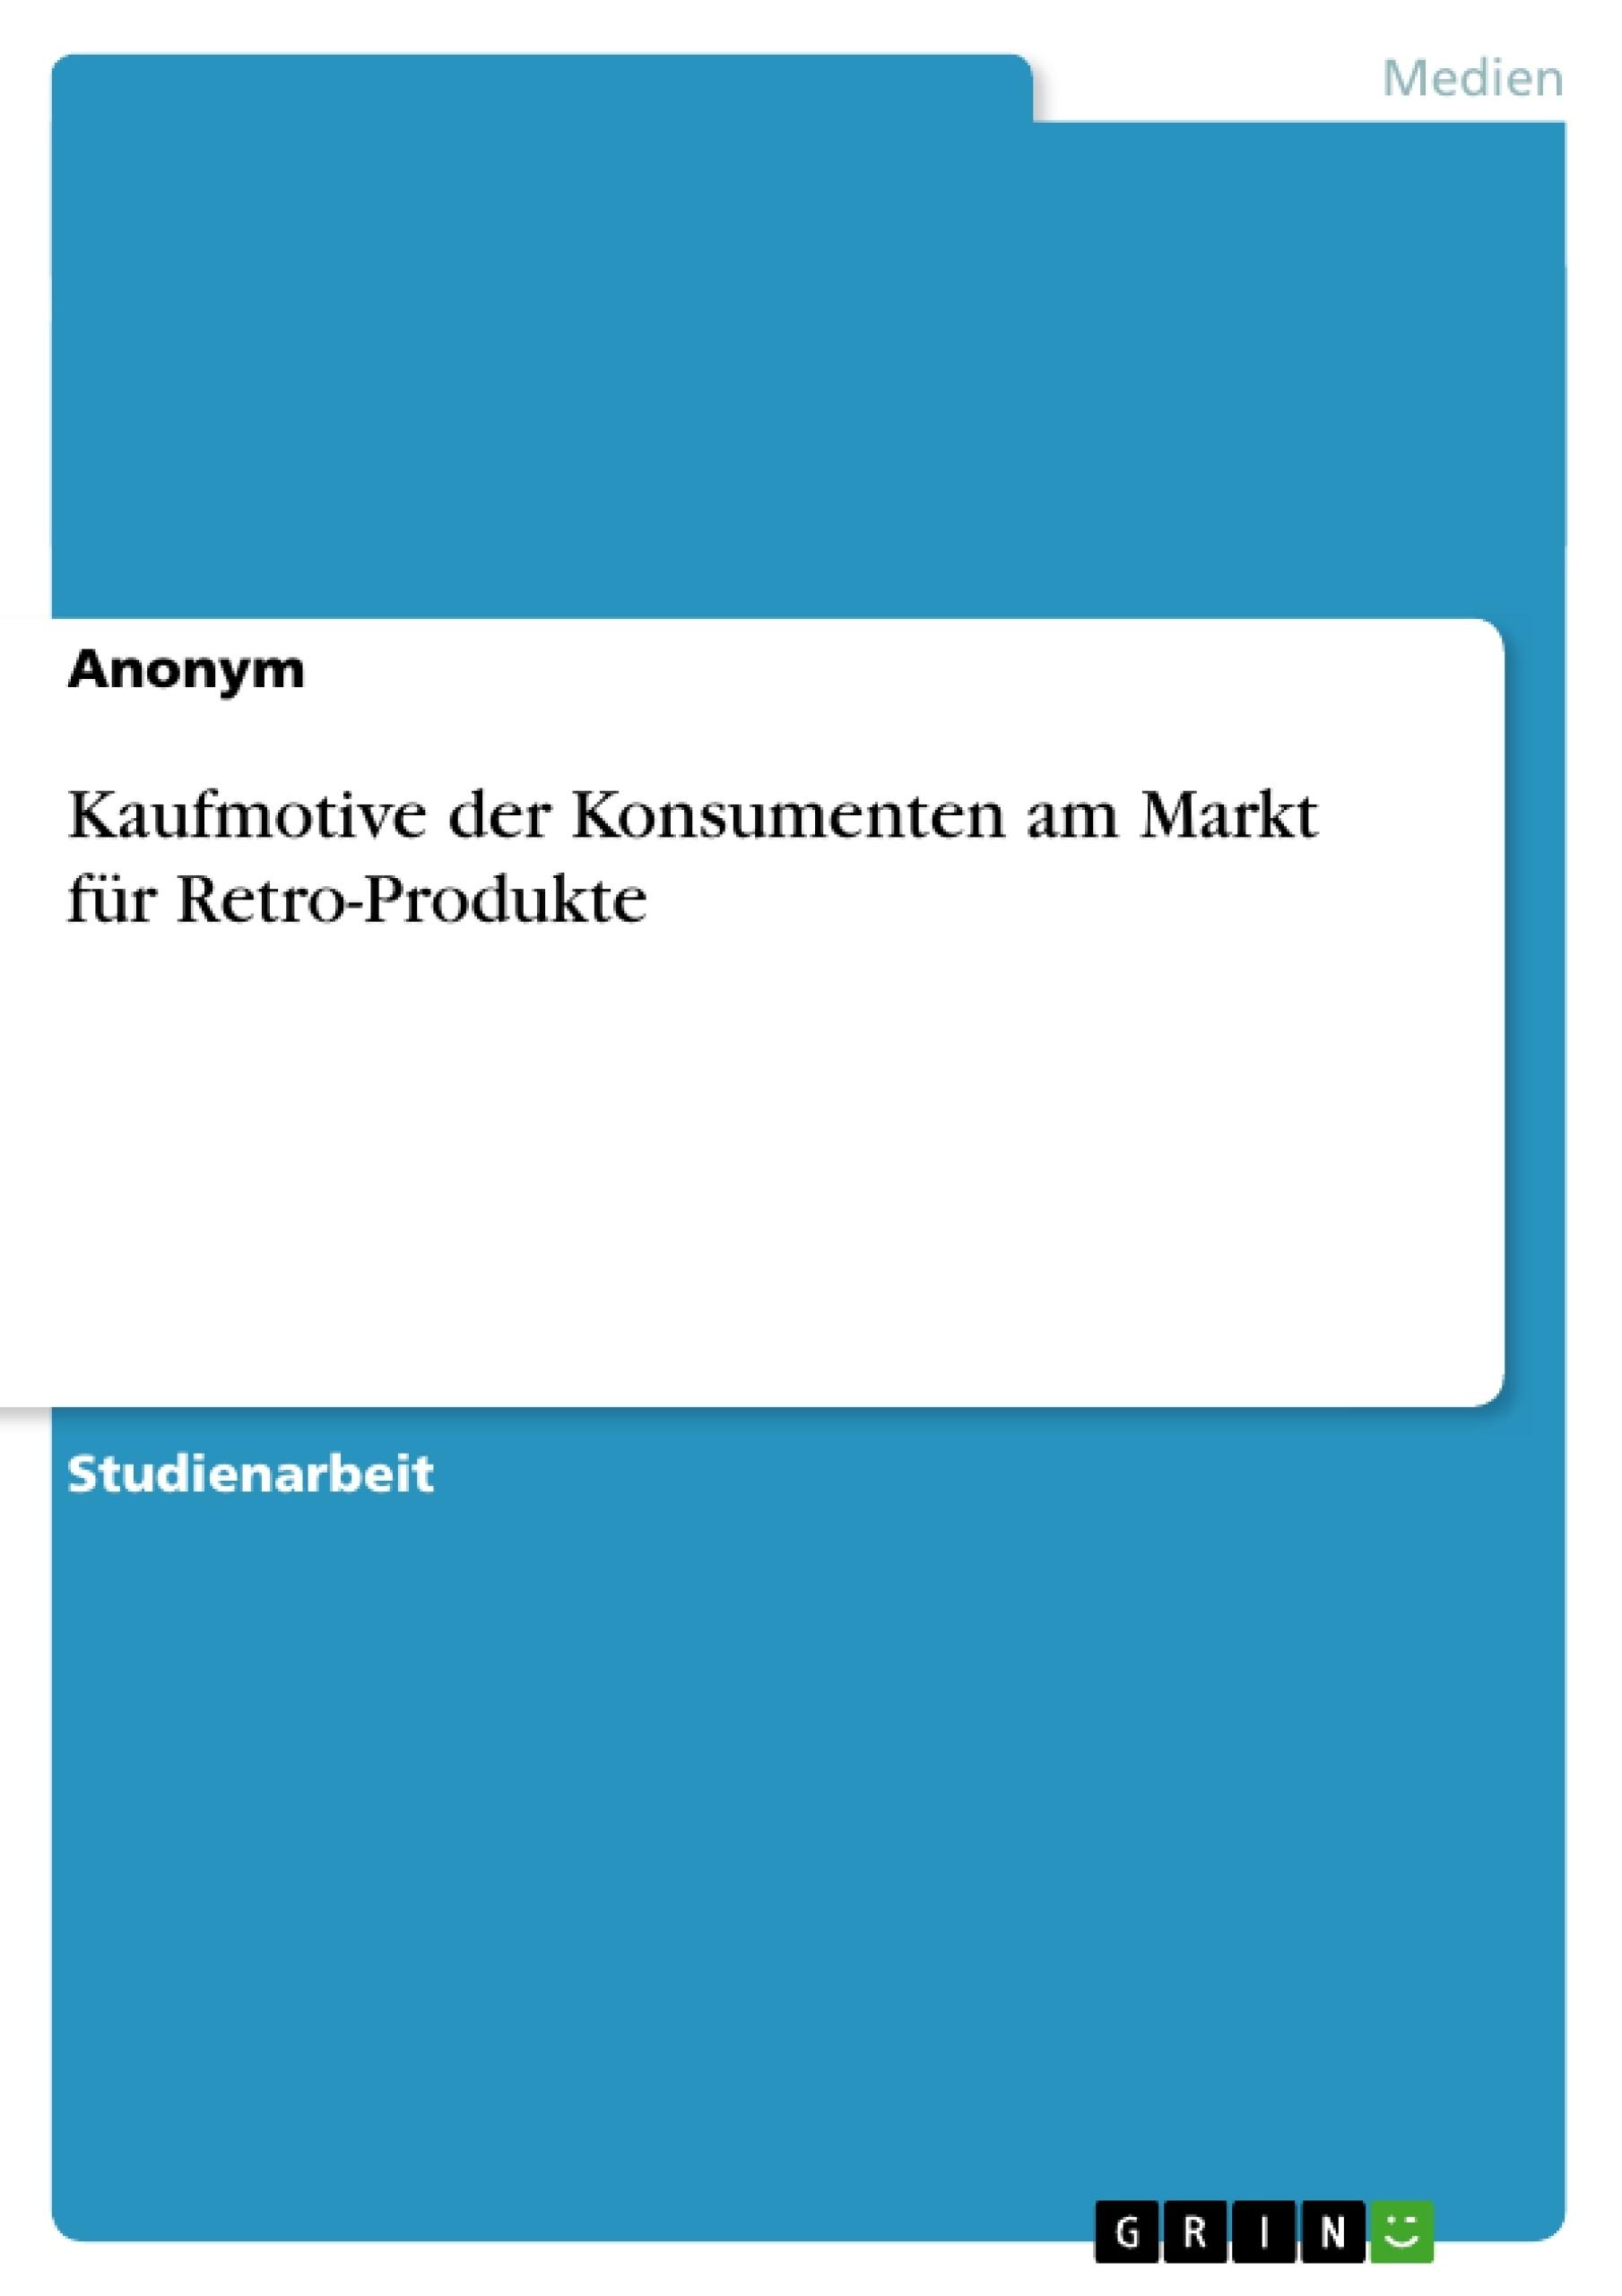 Titel: Kaufmotive der Konsumenten am Markt für Retro-Produkte